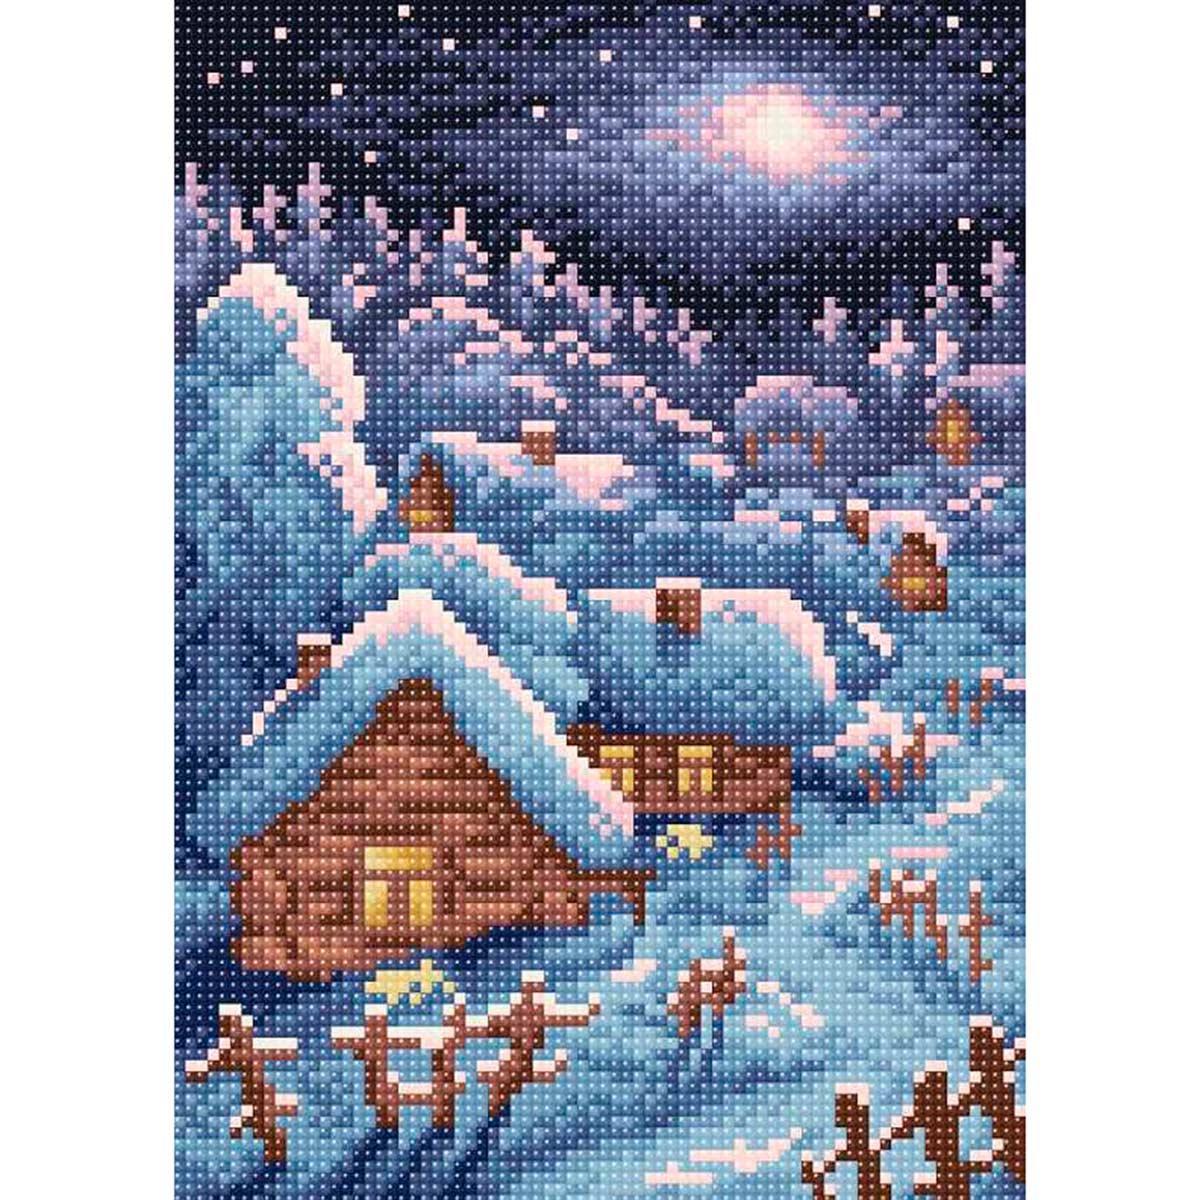 МС 005 Алмазная мозаика 'Зимний пейзаж'19*27см Brilliart